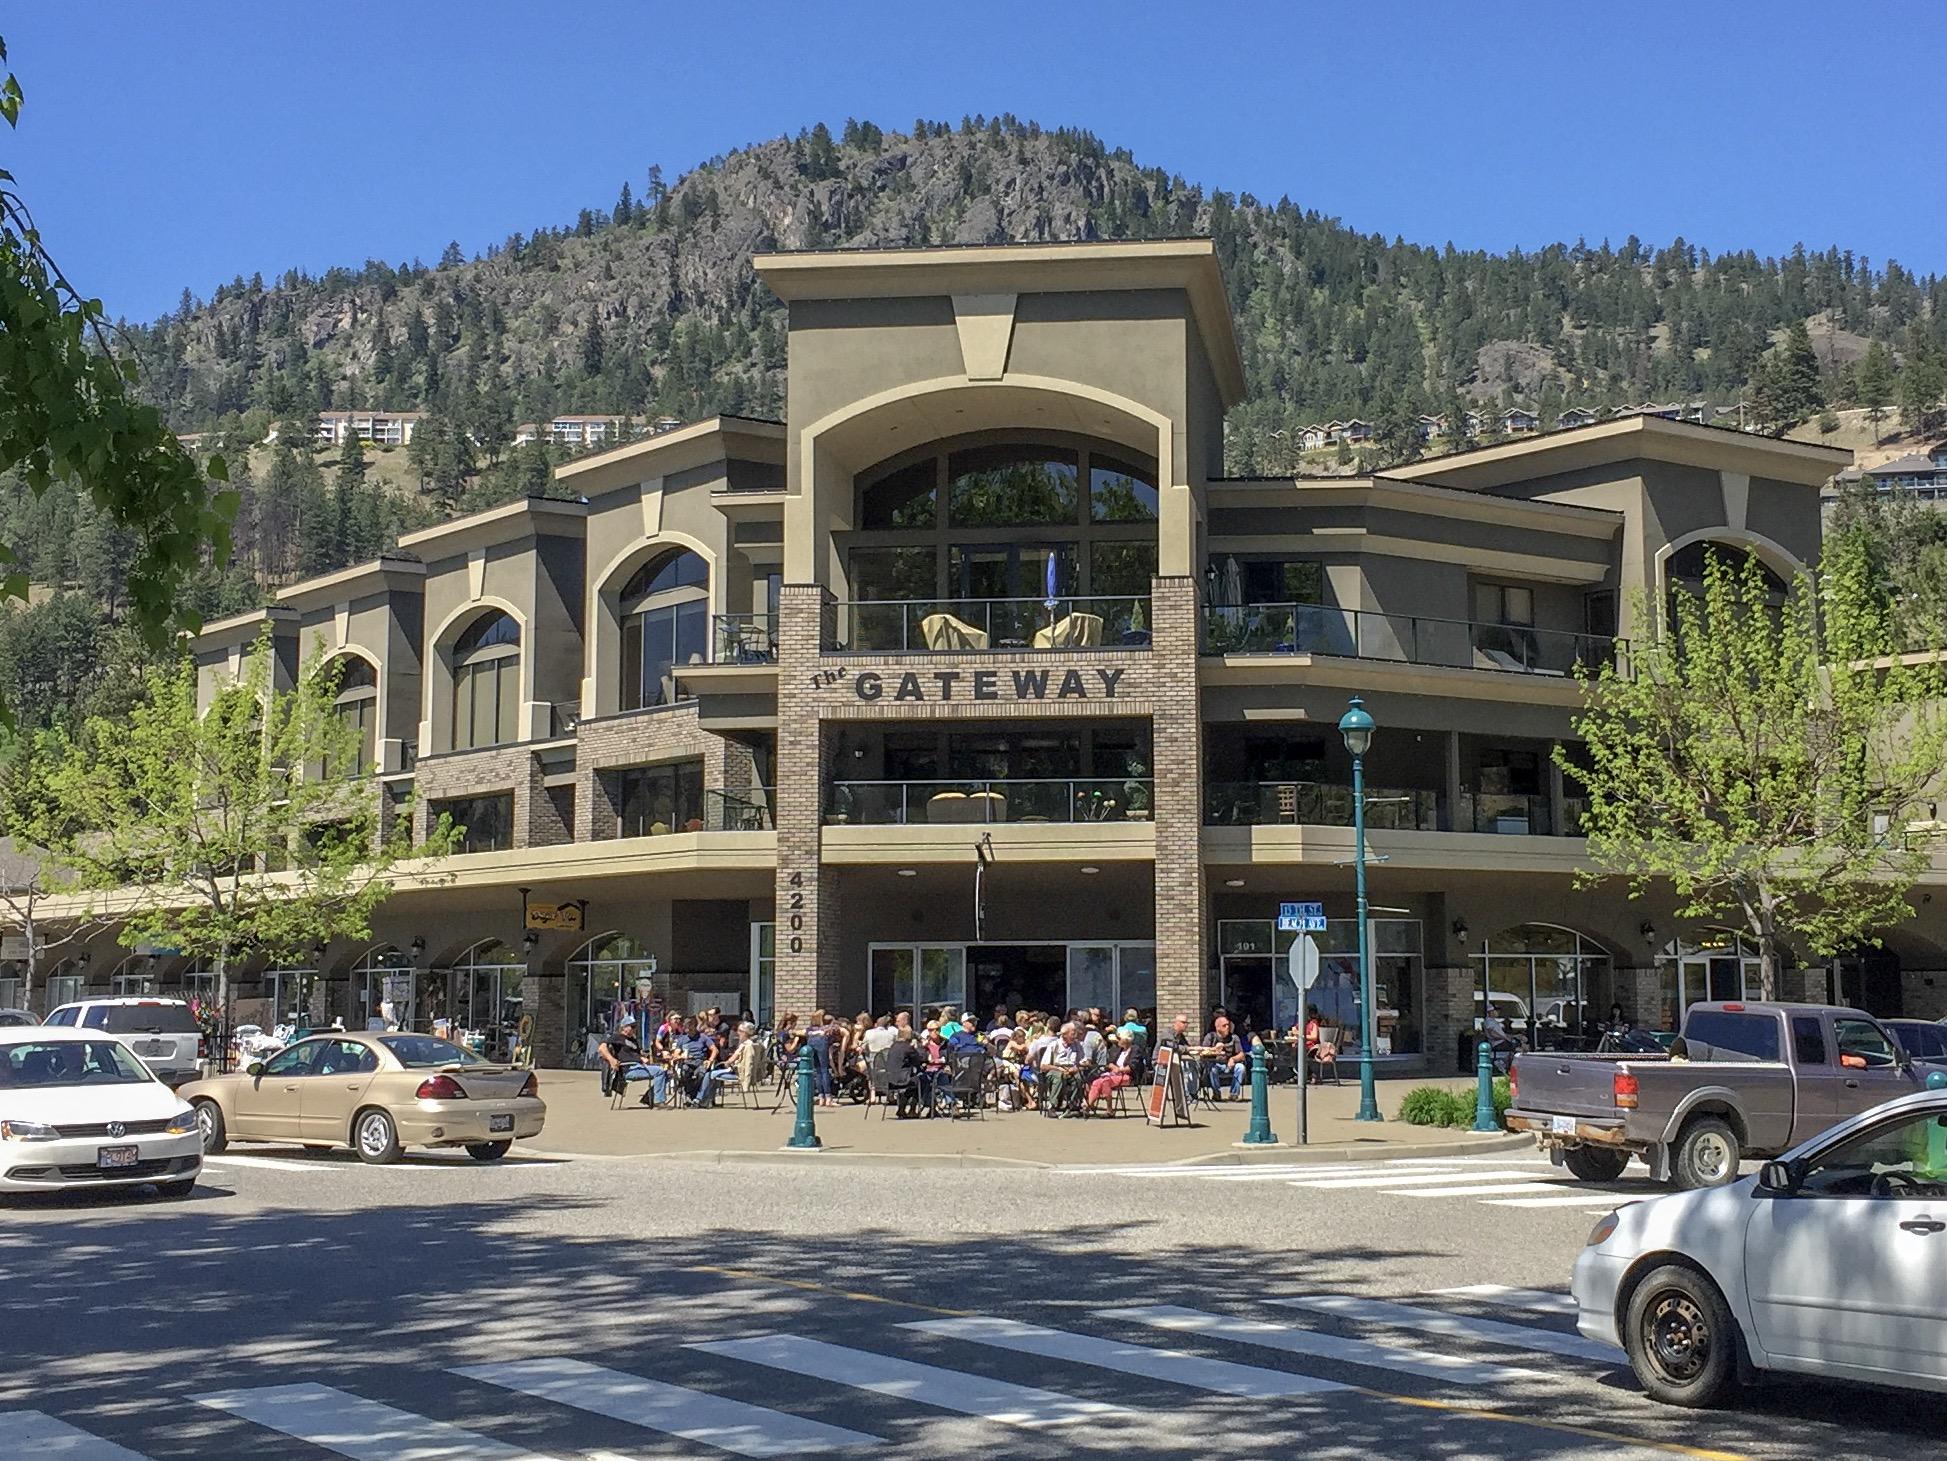 The Gateway Shopping on Beach Avenue Peachland